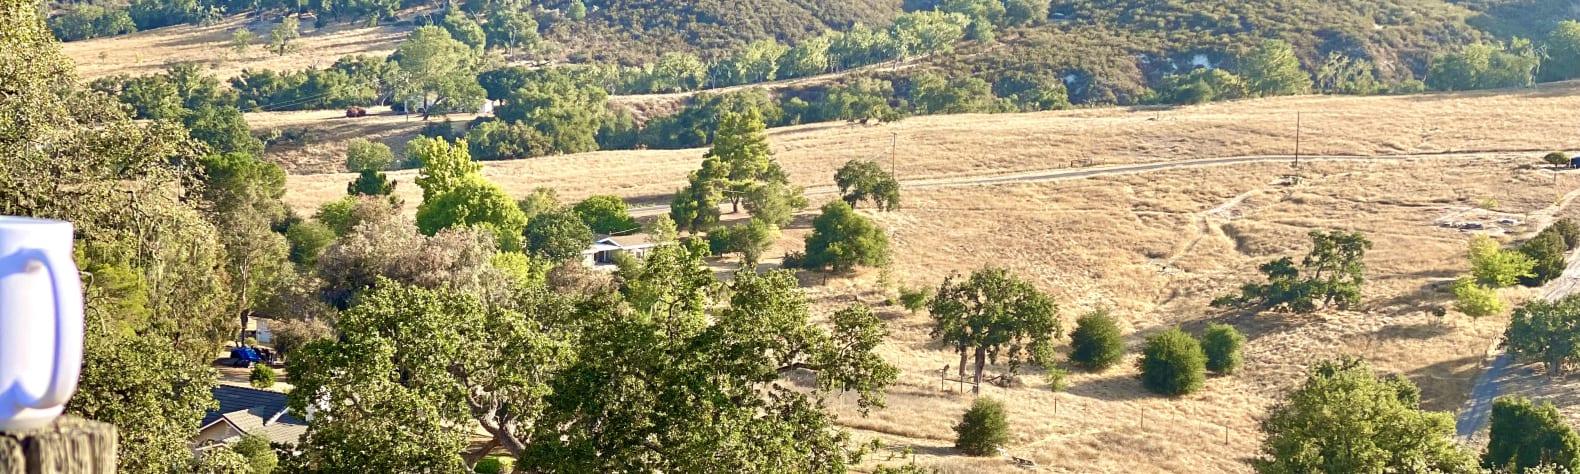 Sienna P.'s Land